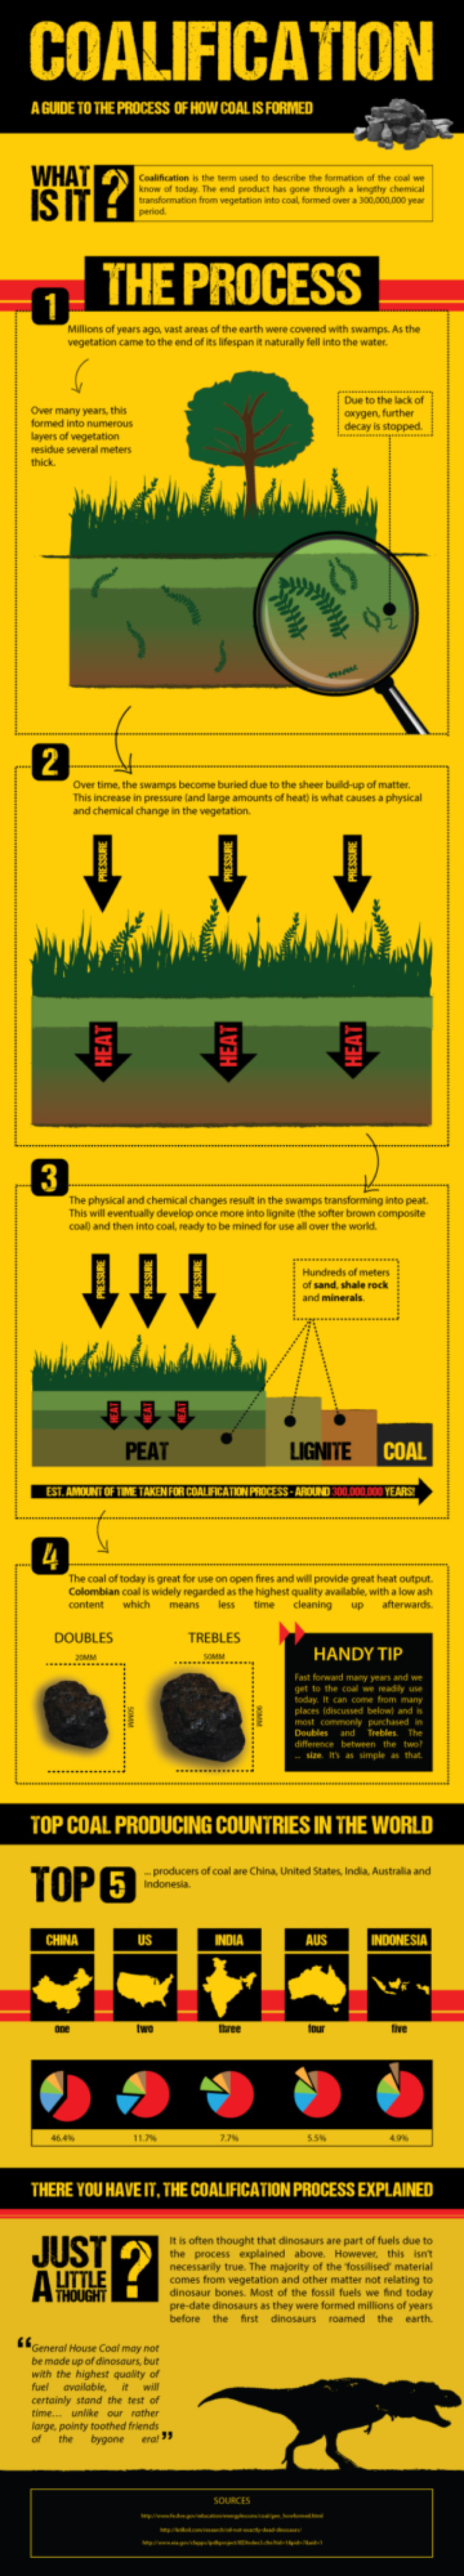 Coalification Infographic